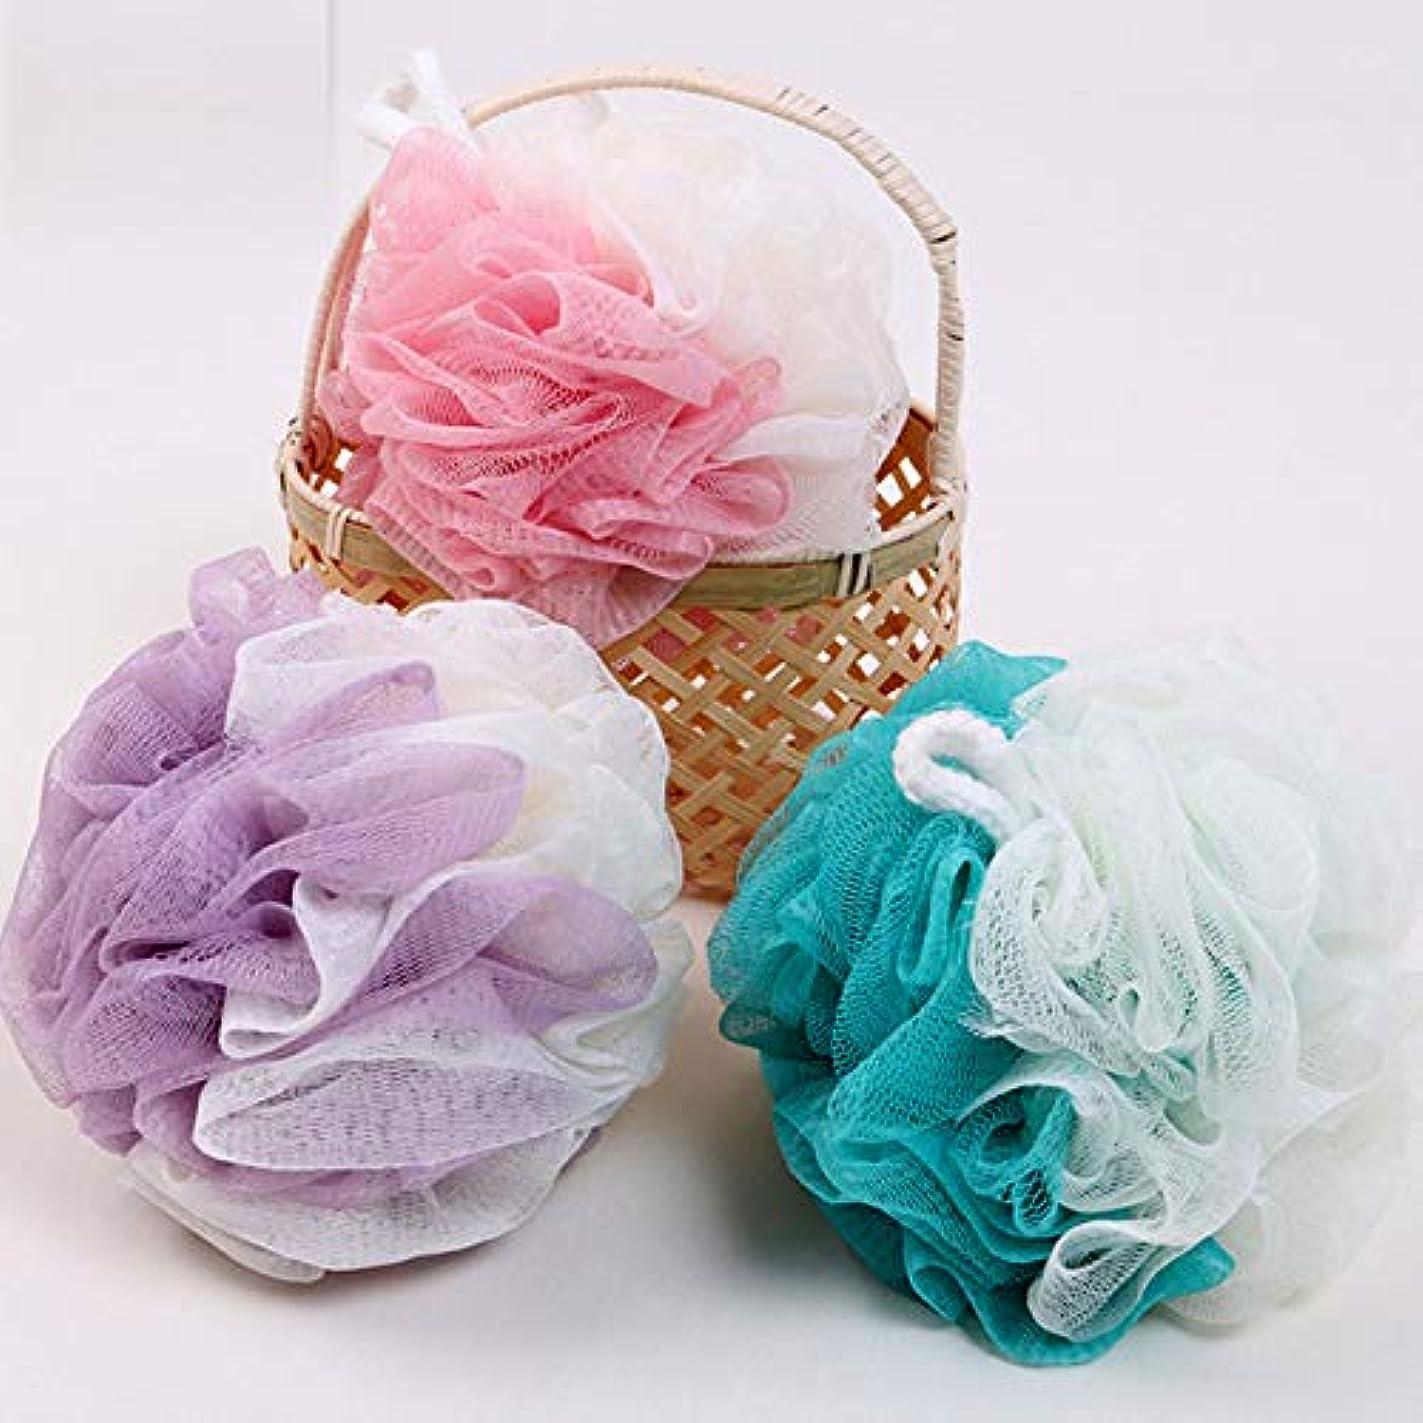 走るフルーツうなるボディウォッシュボール 泡立てネット スポンジ フラワーボール 超柔軟 シャワー用 風呂 浴室 3 個入 (3 個入, Pink + Purple + Blue)